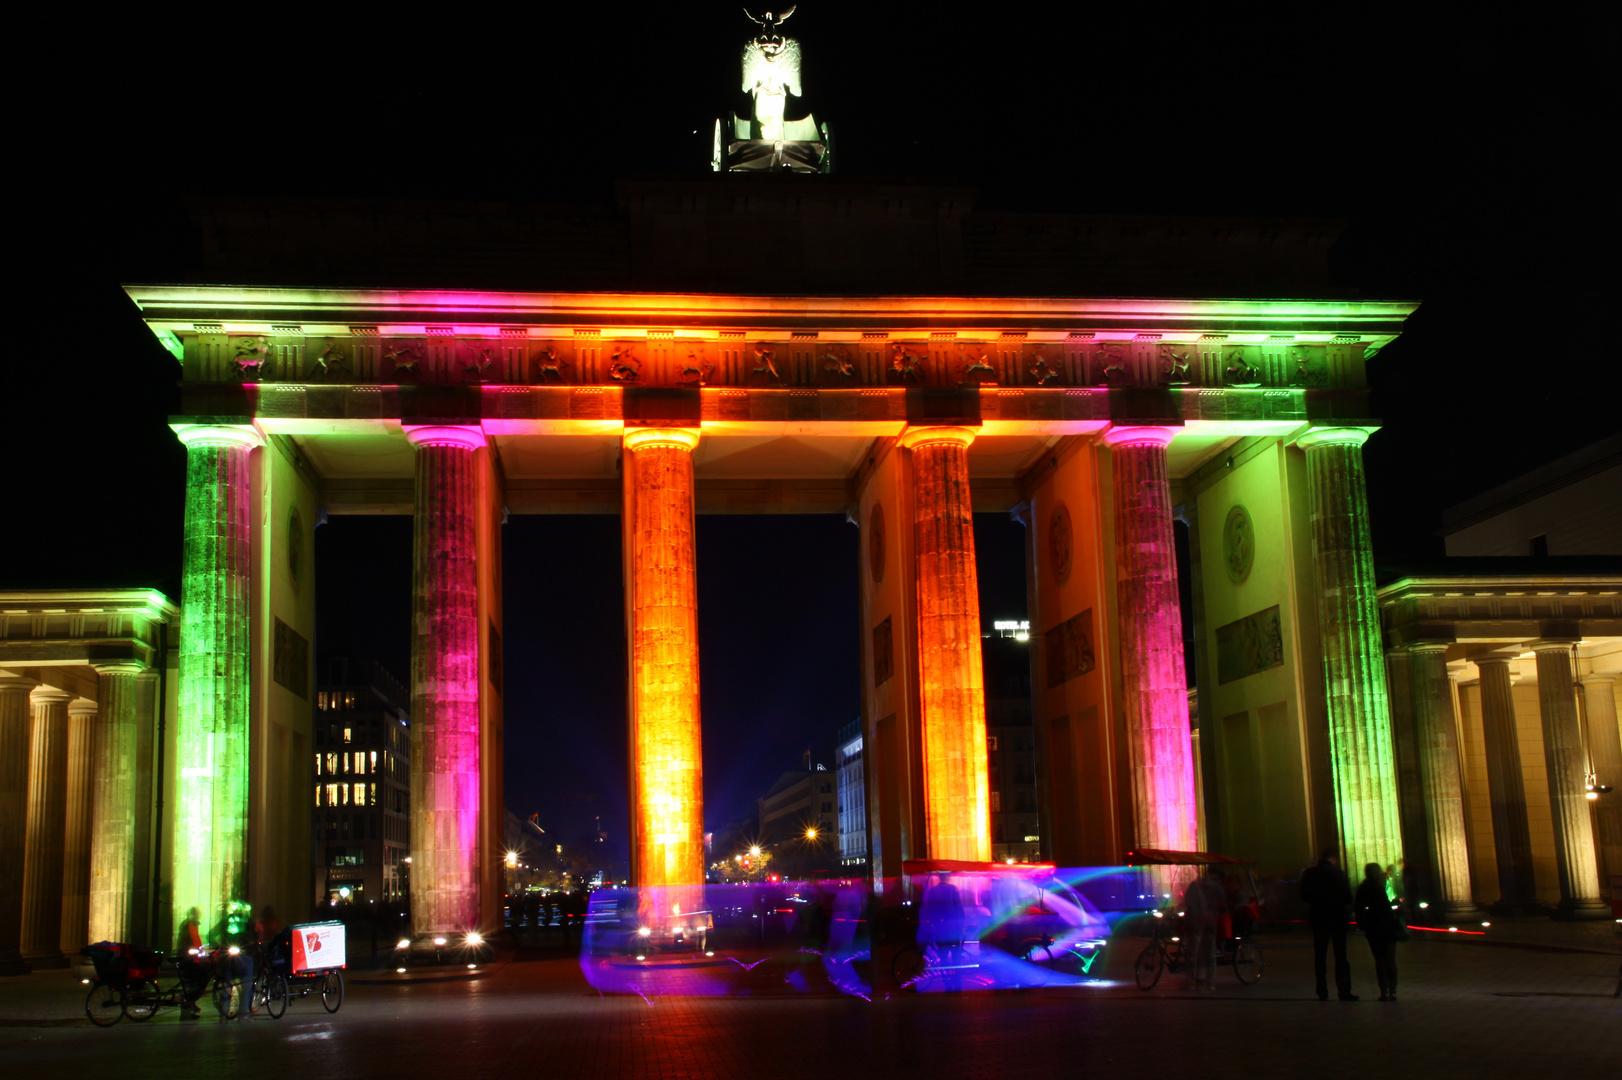 Berlin - Festival of Lights 2012 - Brandenburger Tor 2